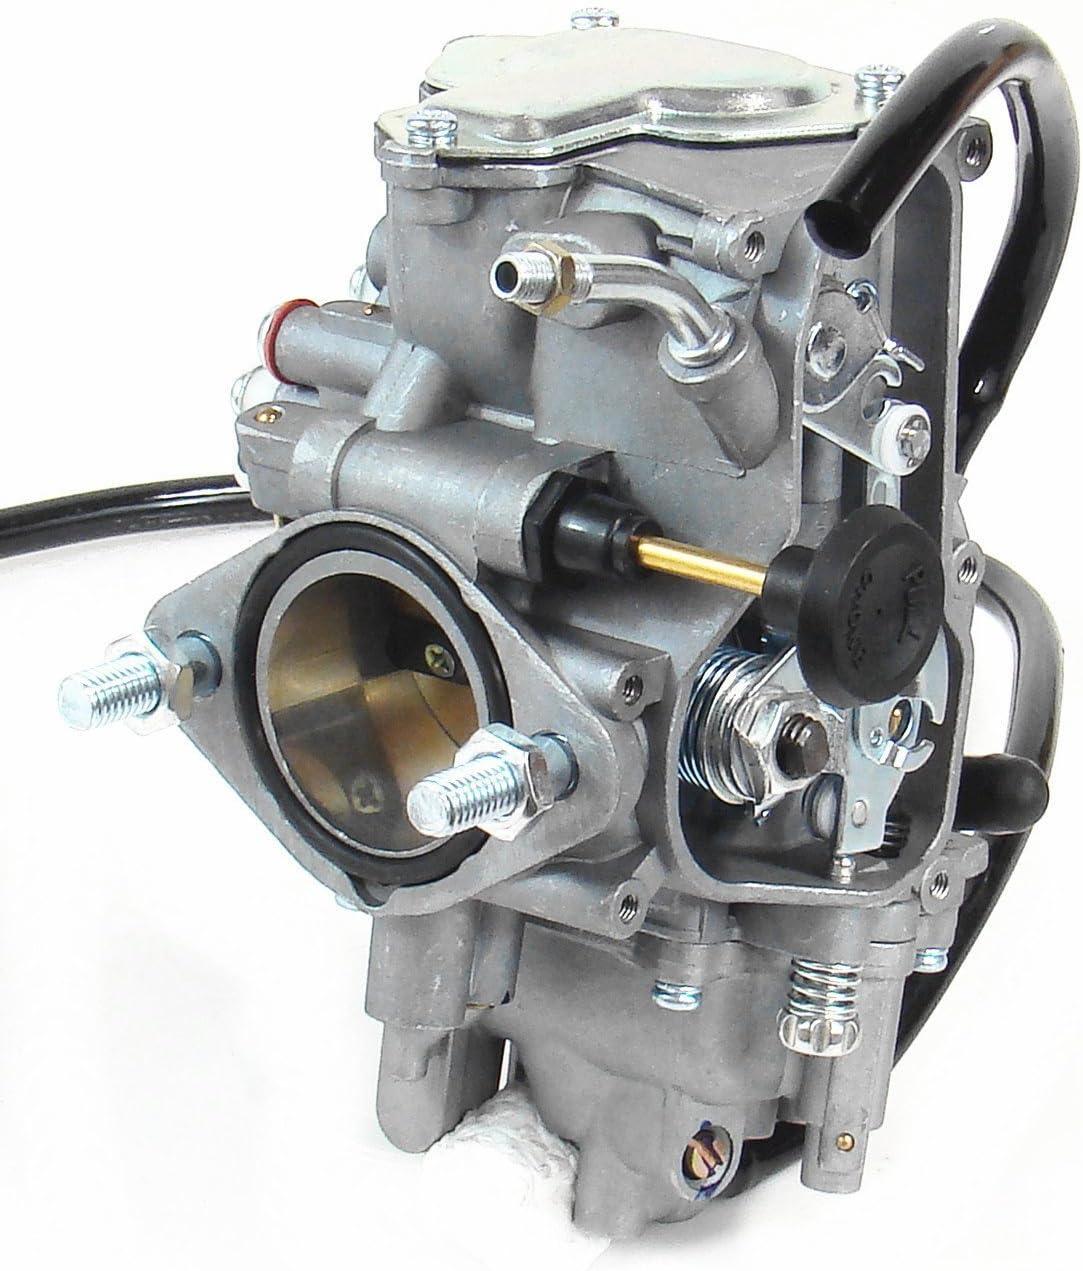 Carburetor YFM350FW For Yamaha Big Bear 350 YFM350 4X4 1997 1998 1999 Carb